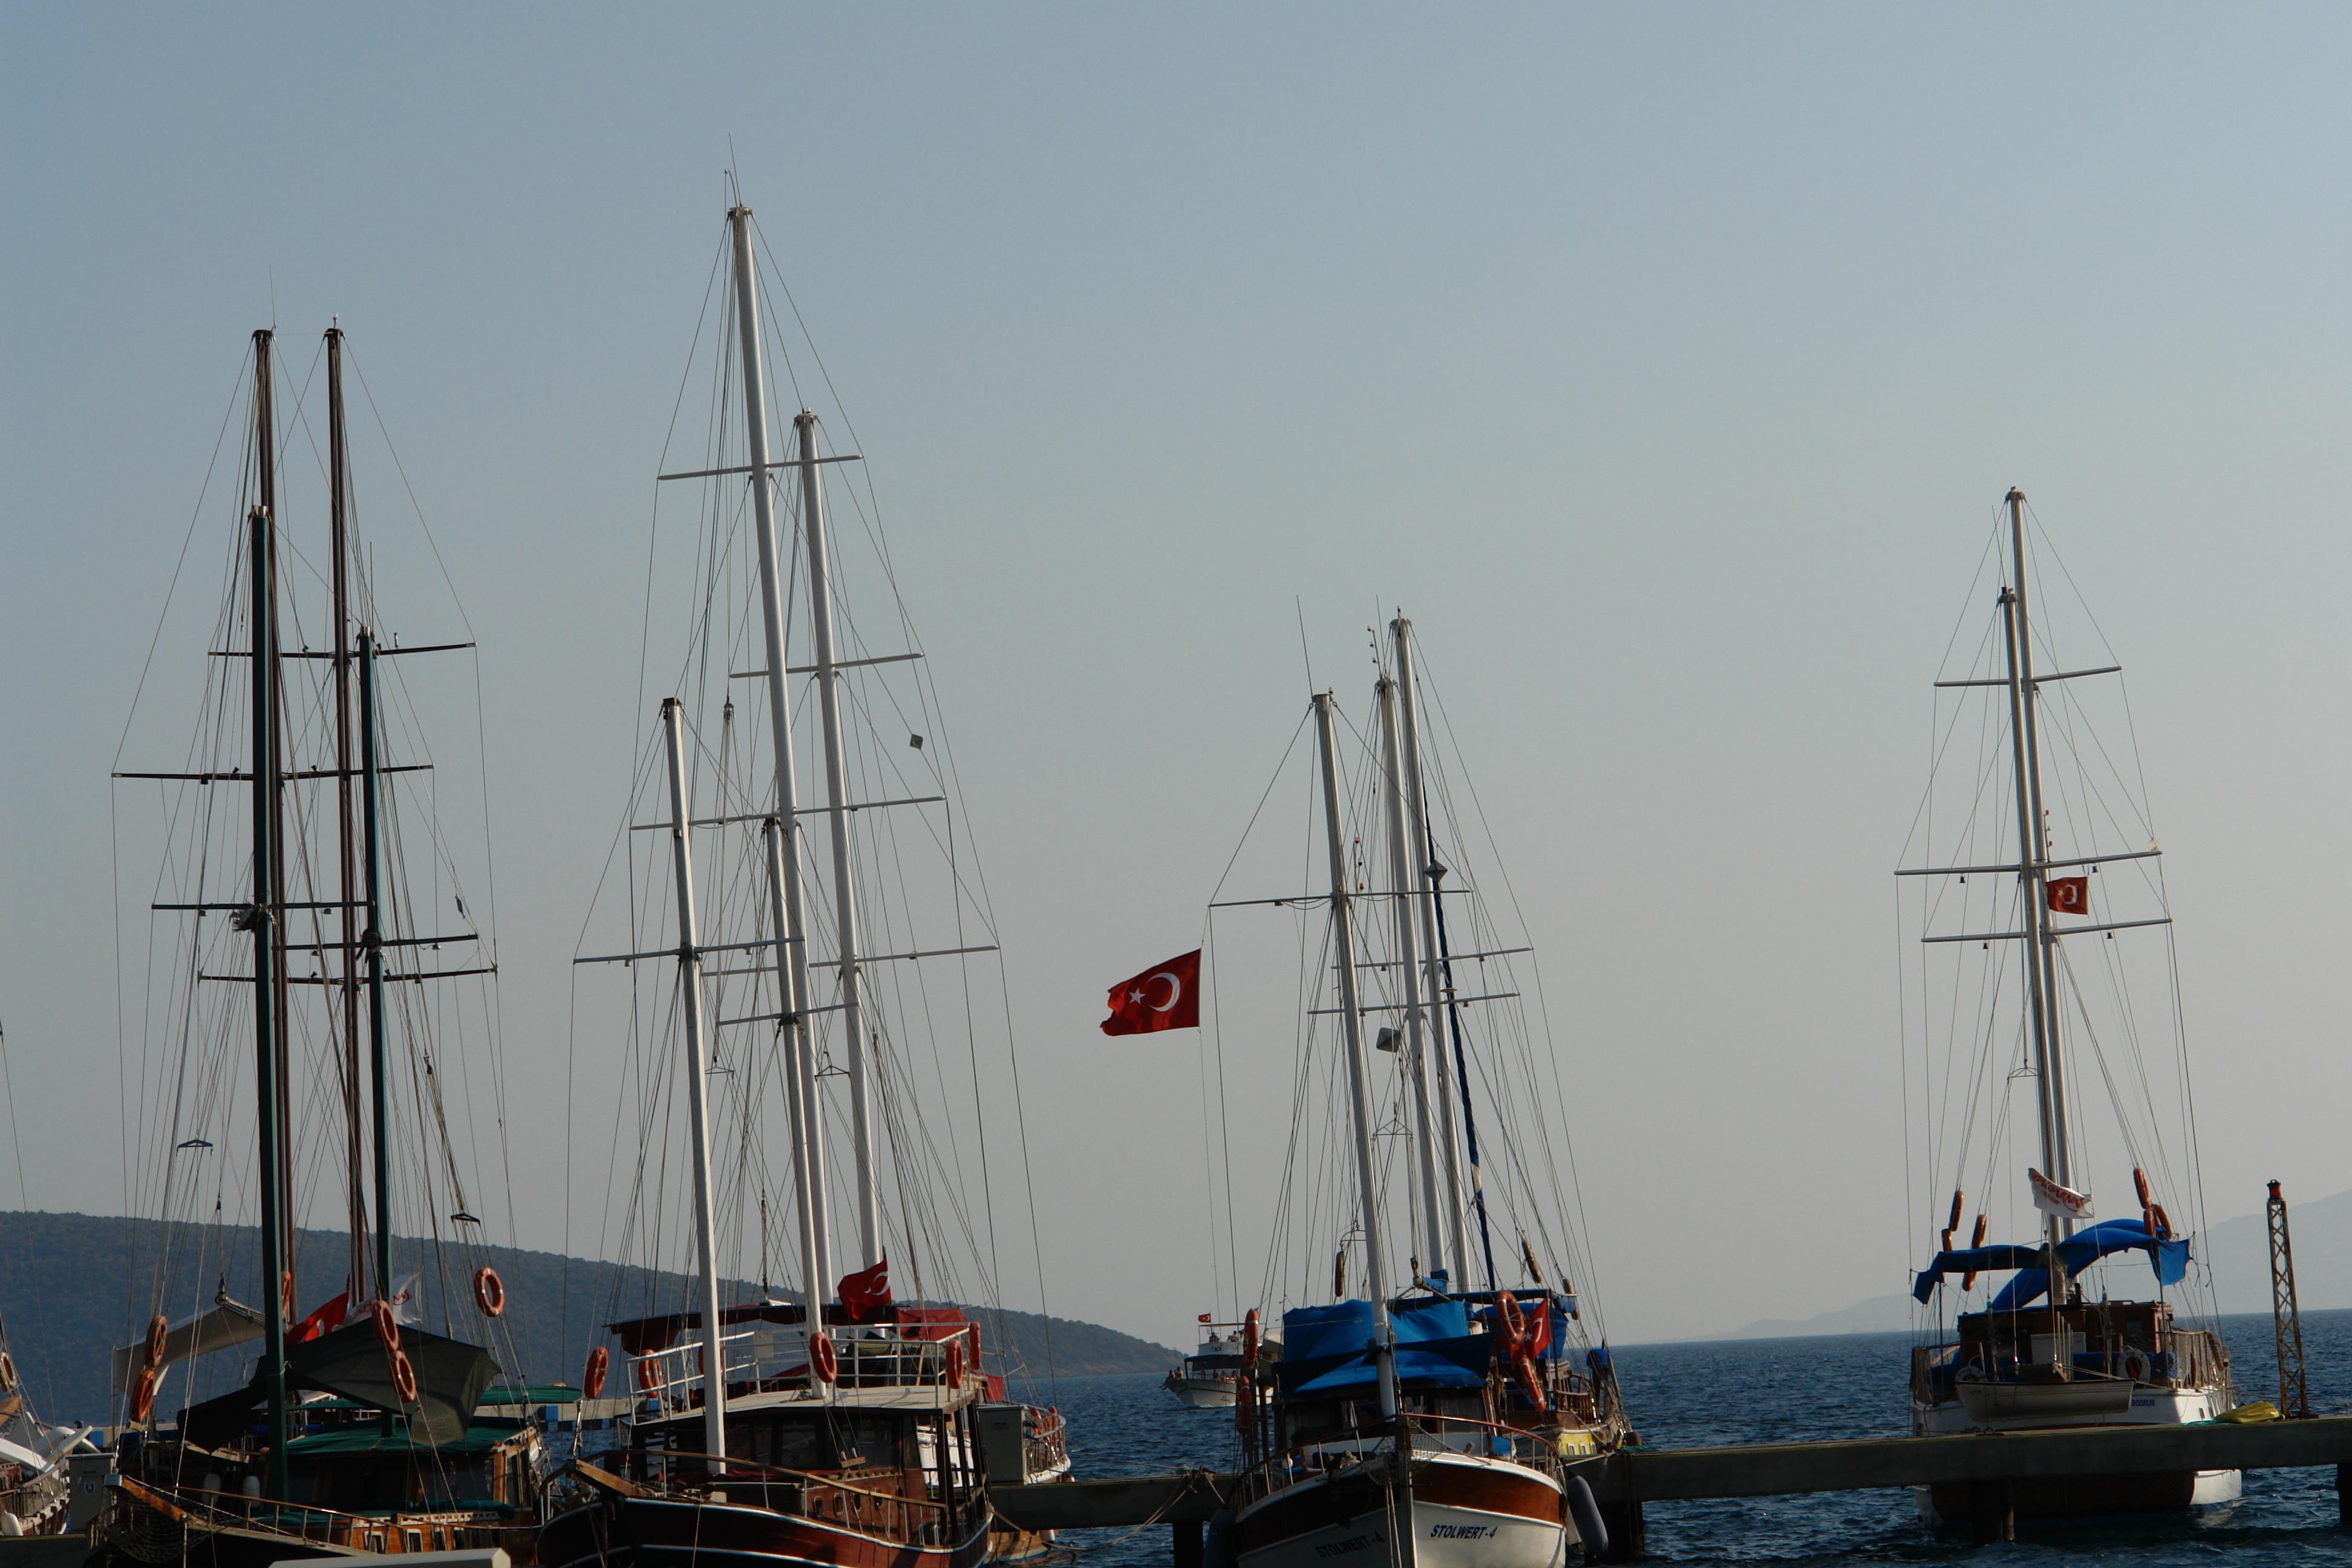 Sailboats at the harbor, Boats, Flags, Harbor, Mast, HQ Photo